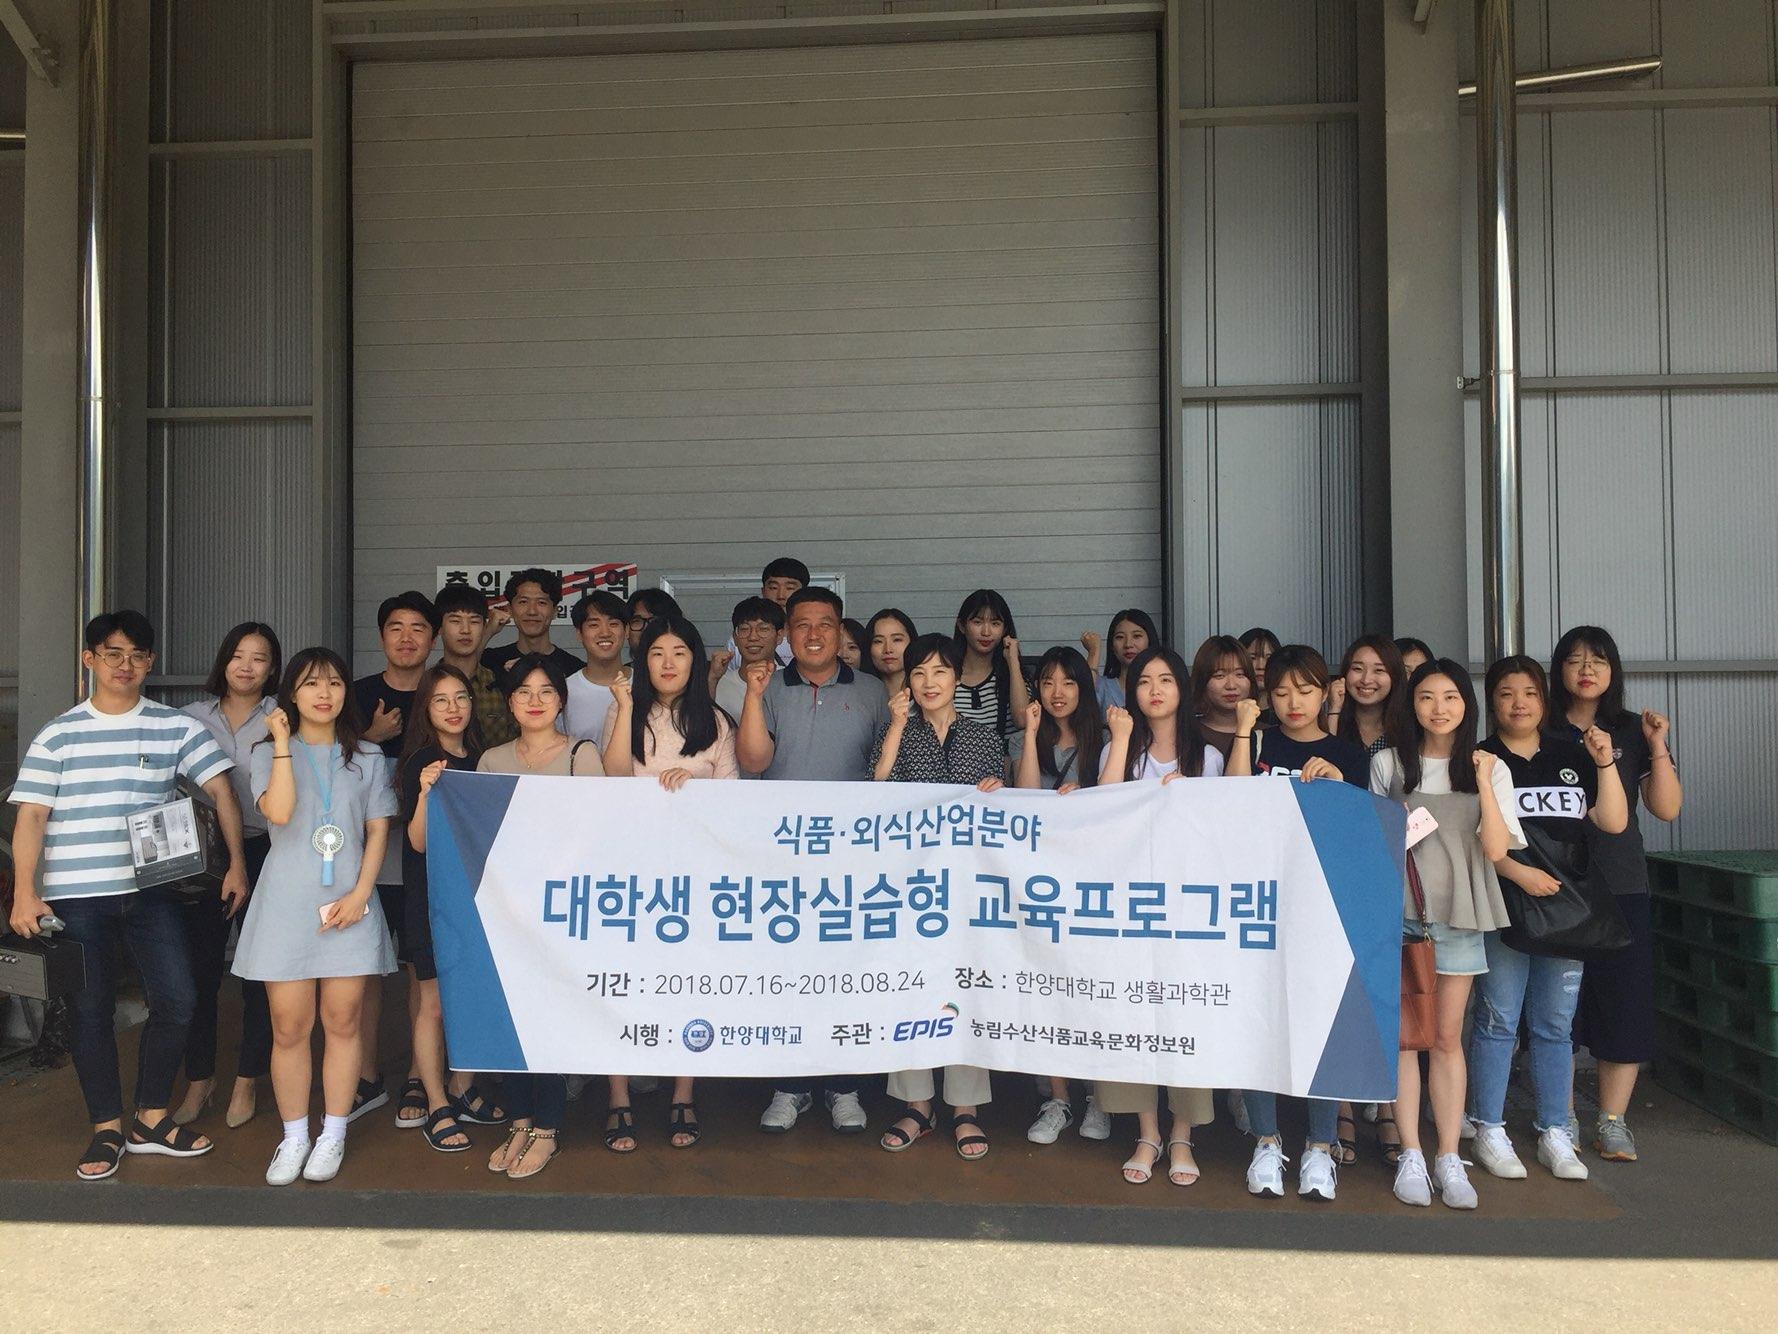 2018년 식품산업분야 대학생 현장실습 프로그램 3기